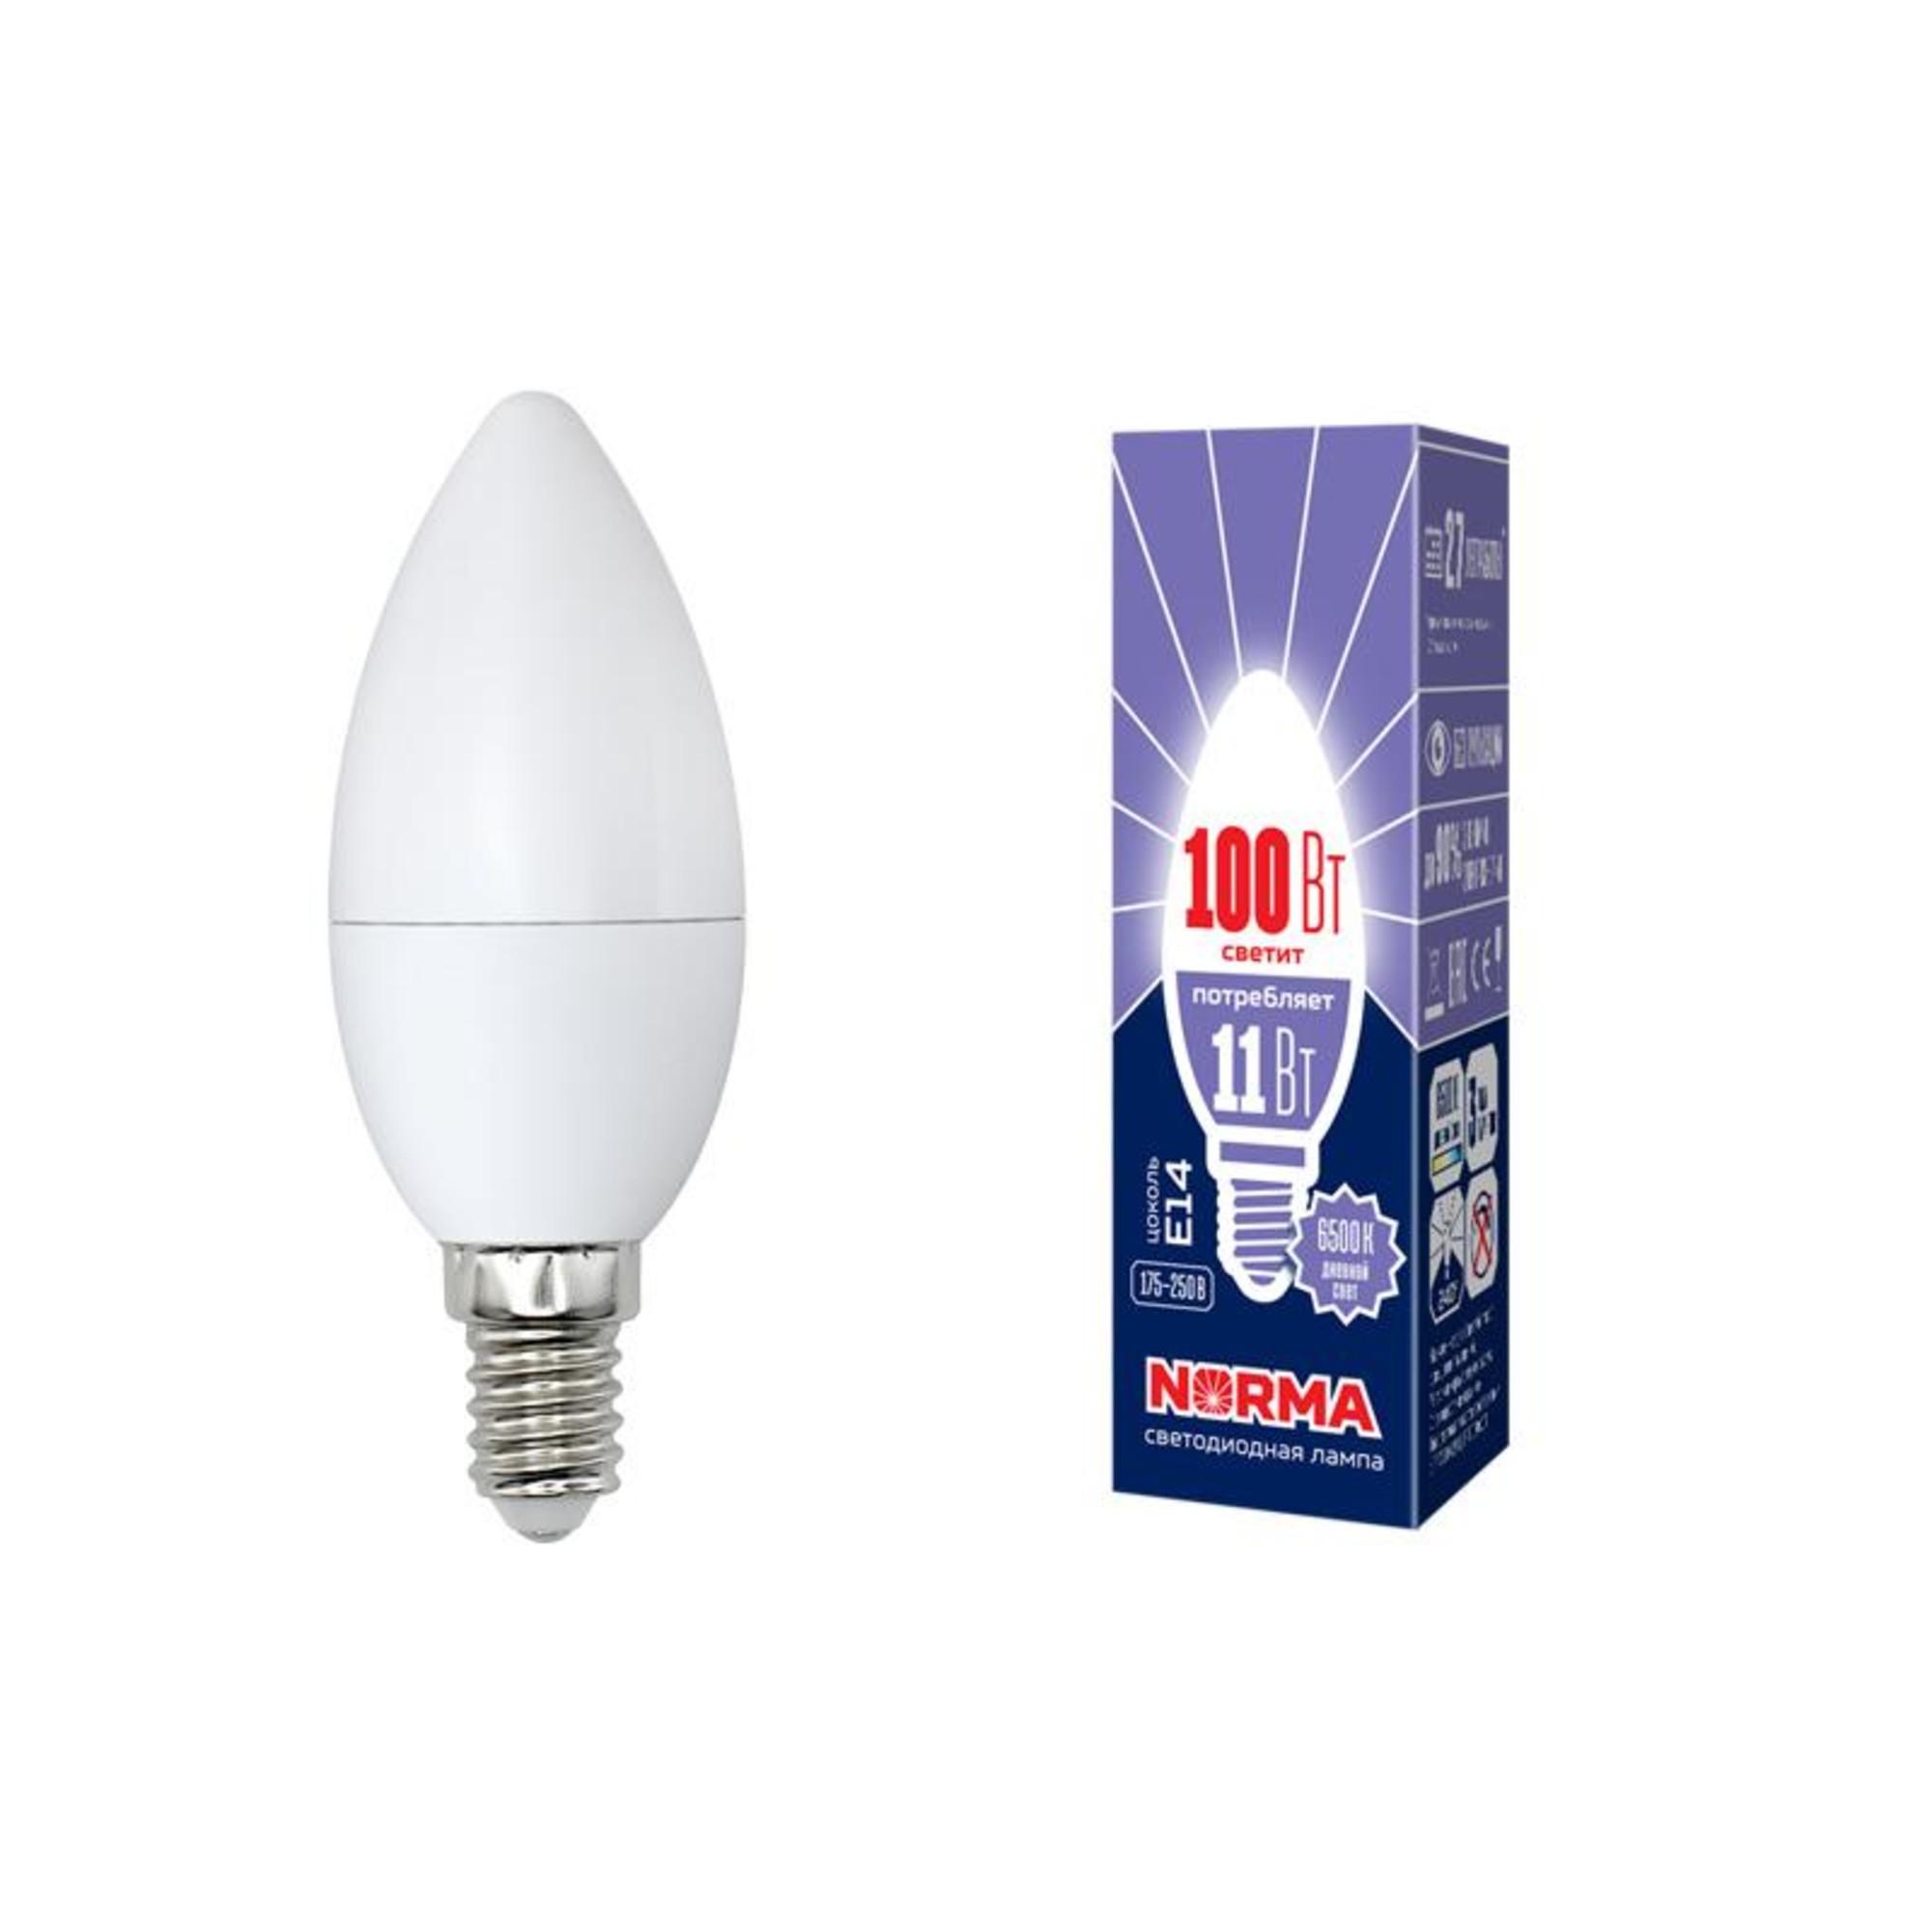 Лампа Volpe светодиодная E14 11 Вт нейтральный свет